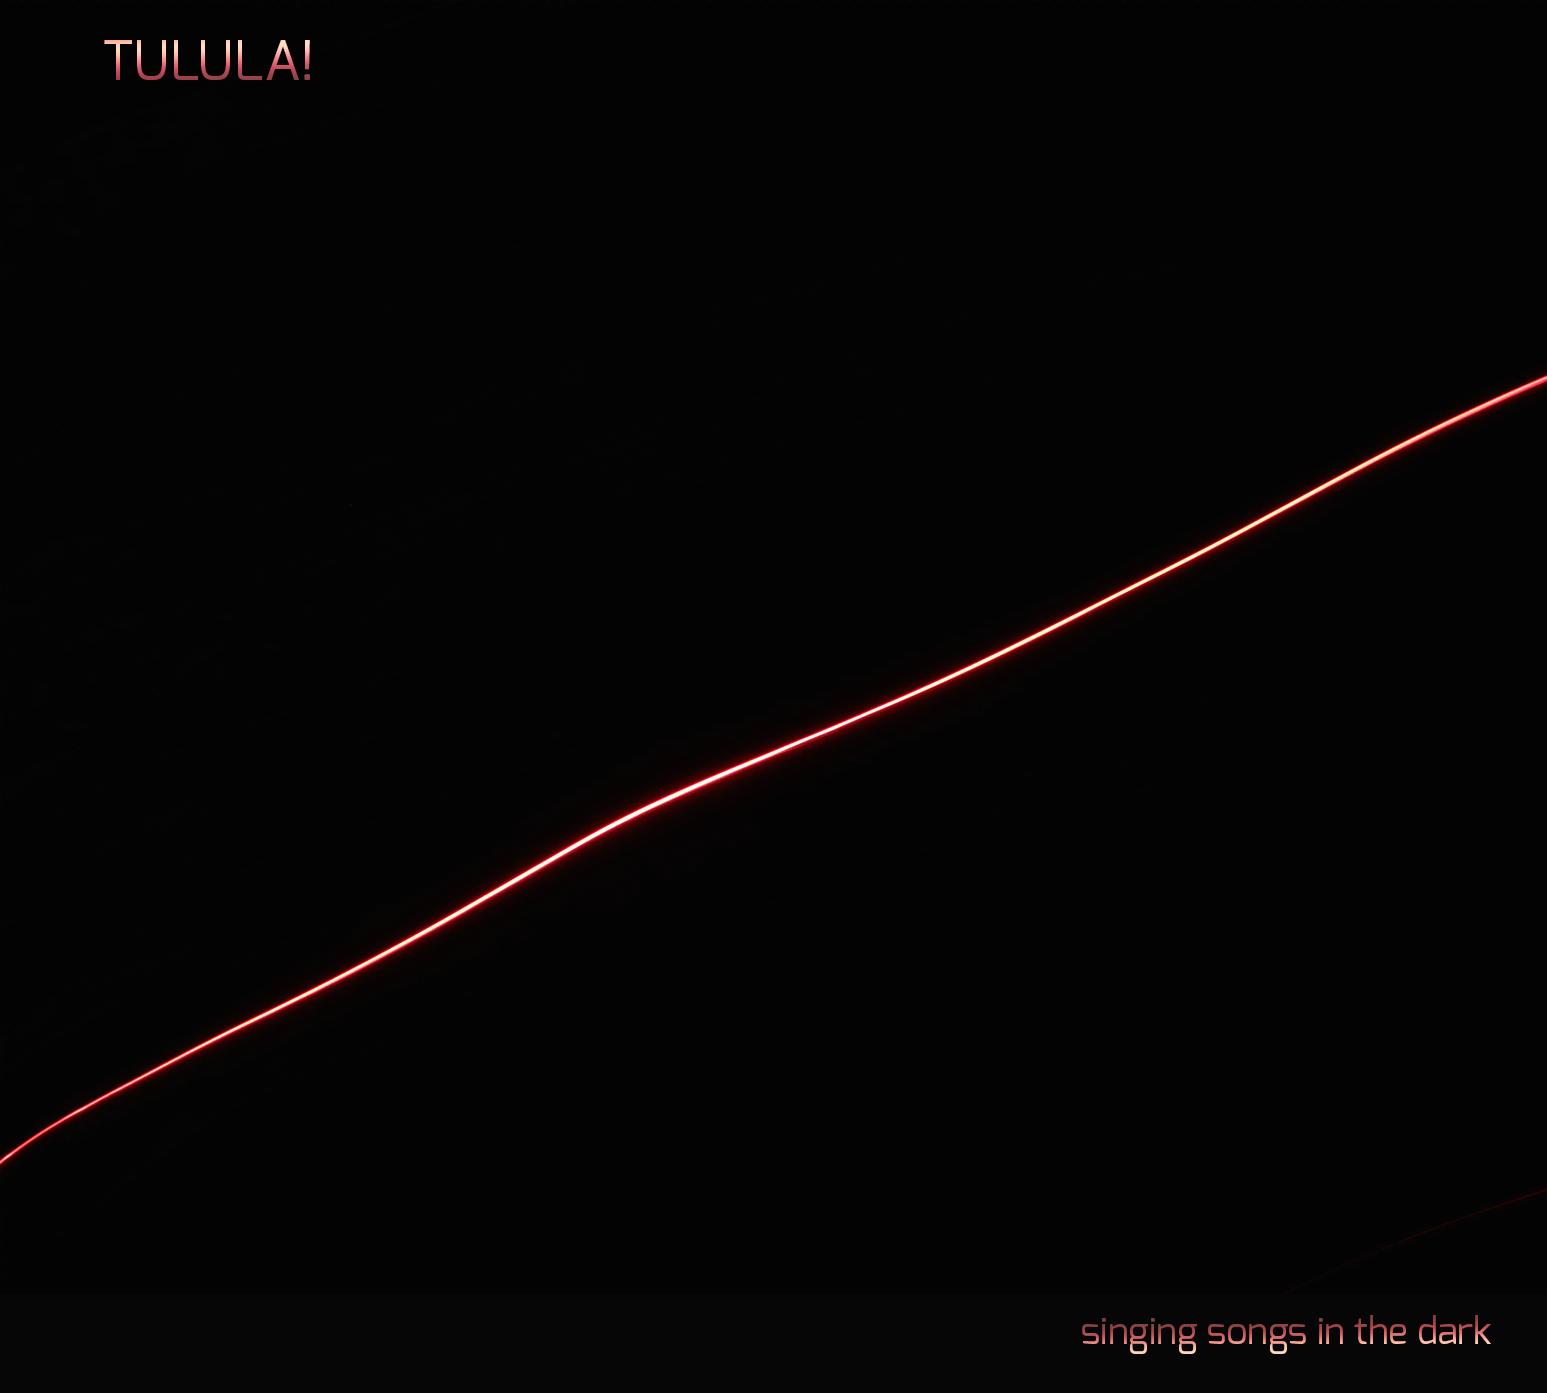 Tulula_Singing-Songs.jpg